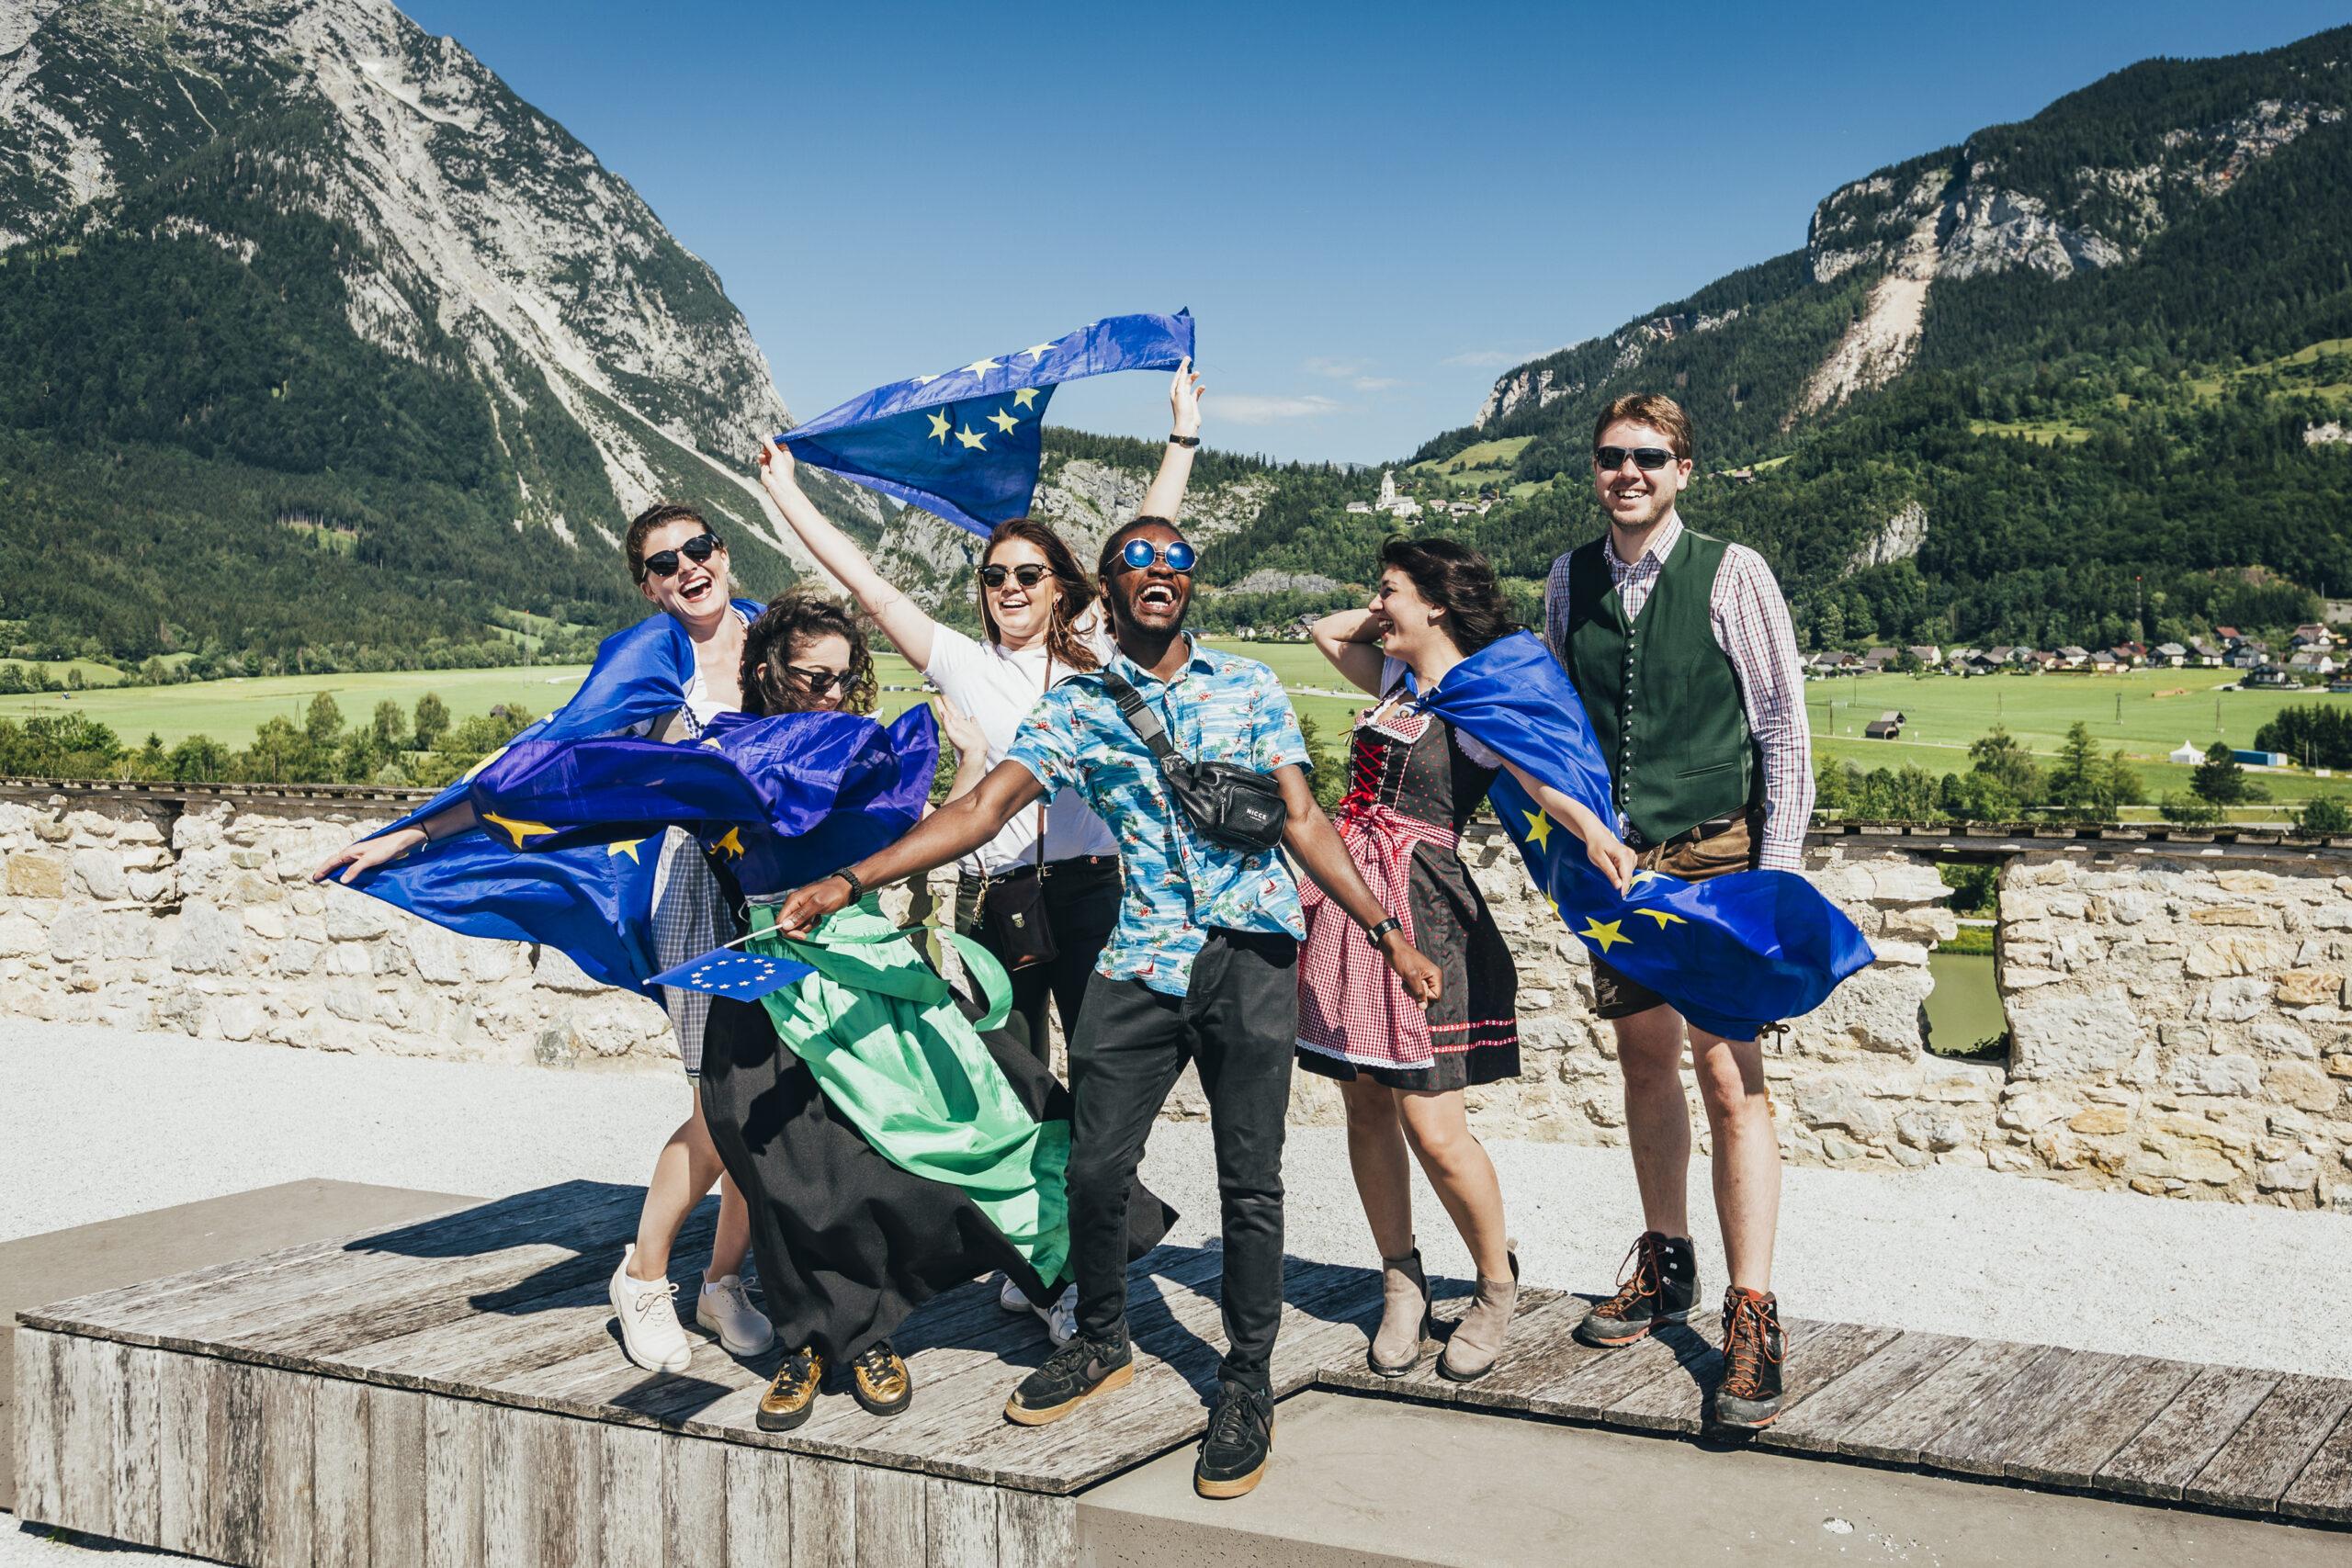 BGF_EU Fahne + Menschen 2